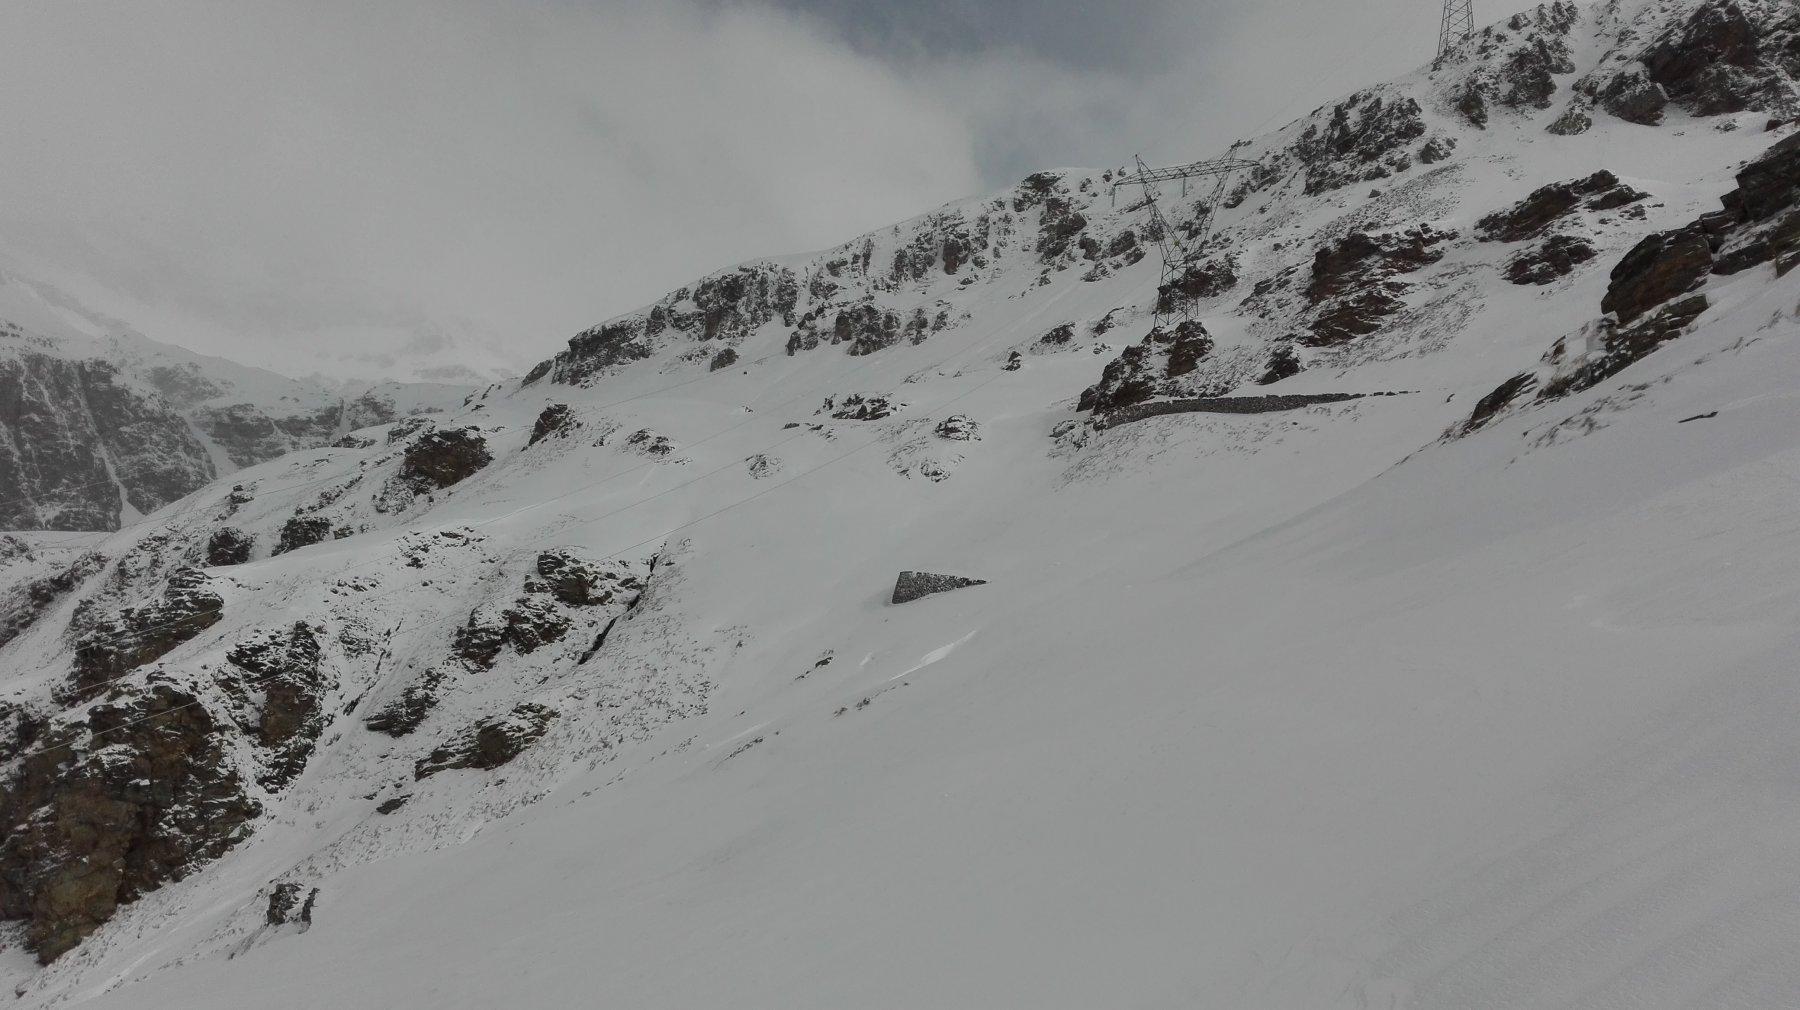 La ex strada militare, parzialmente coperta dalla neve